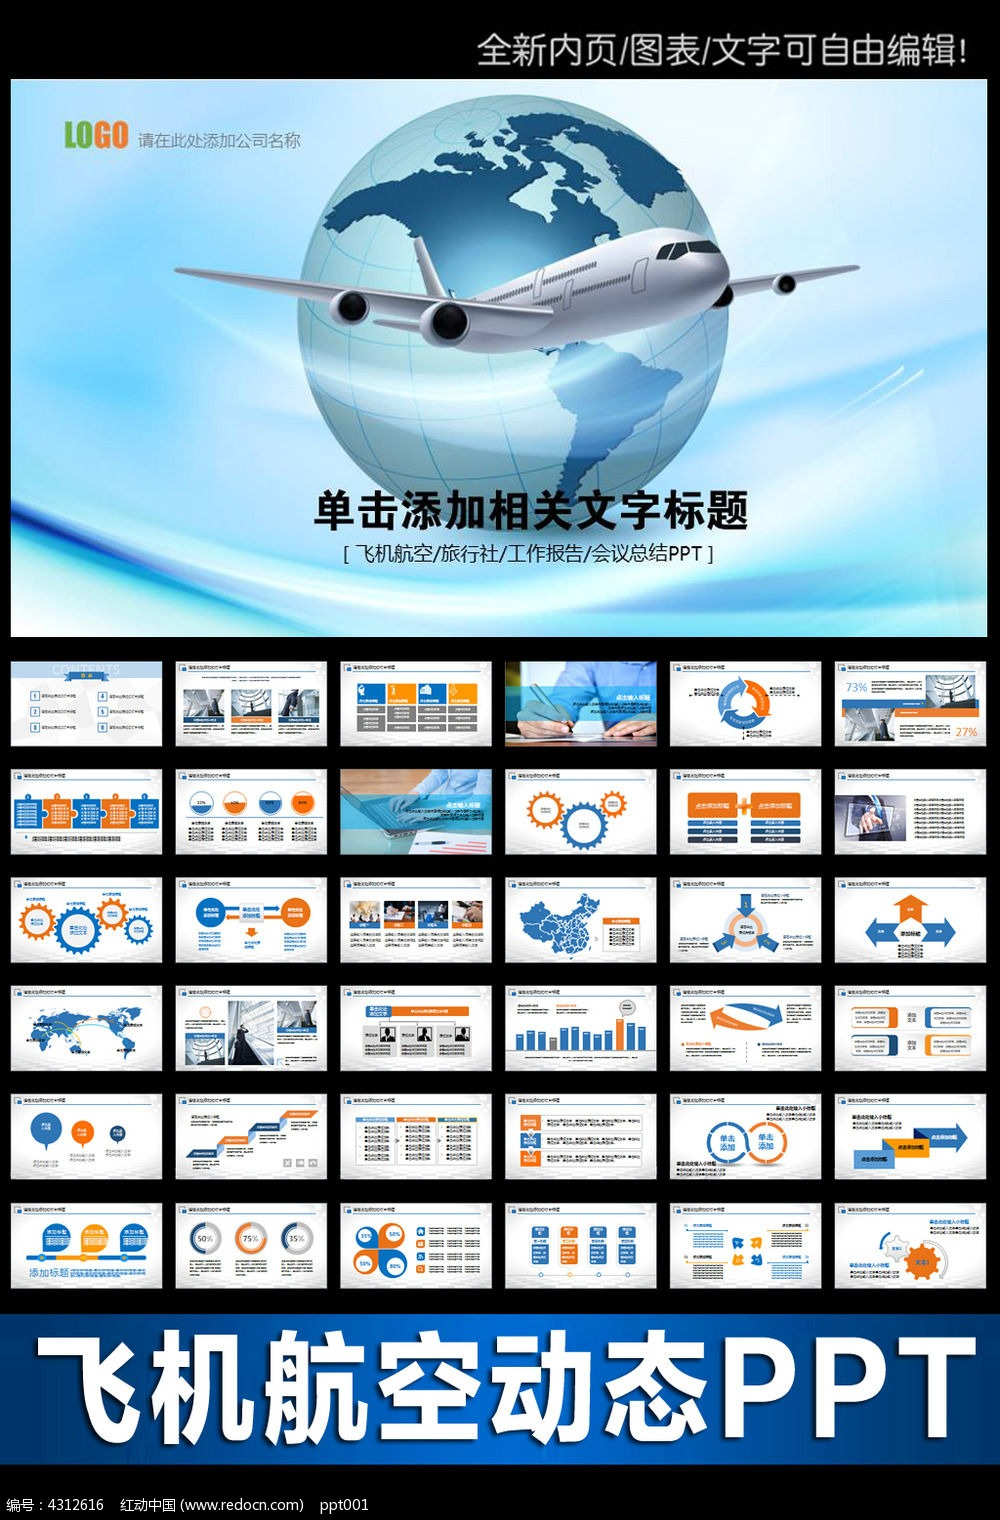 航空公司飞机民航动态ppt模板素材下载